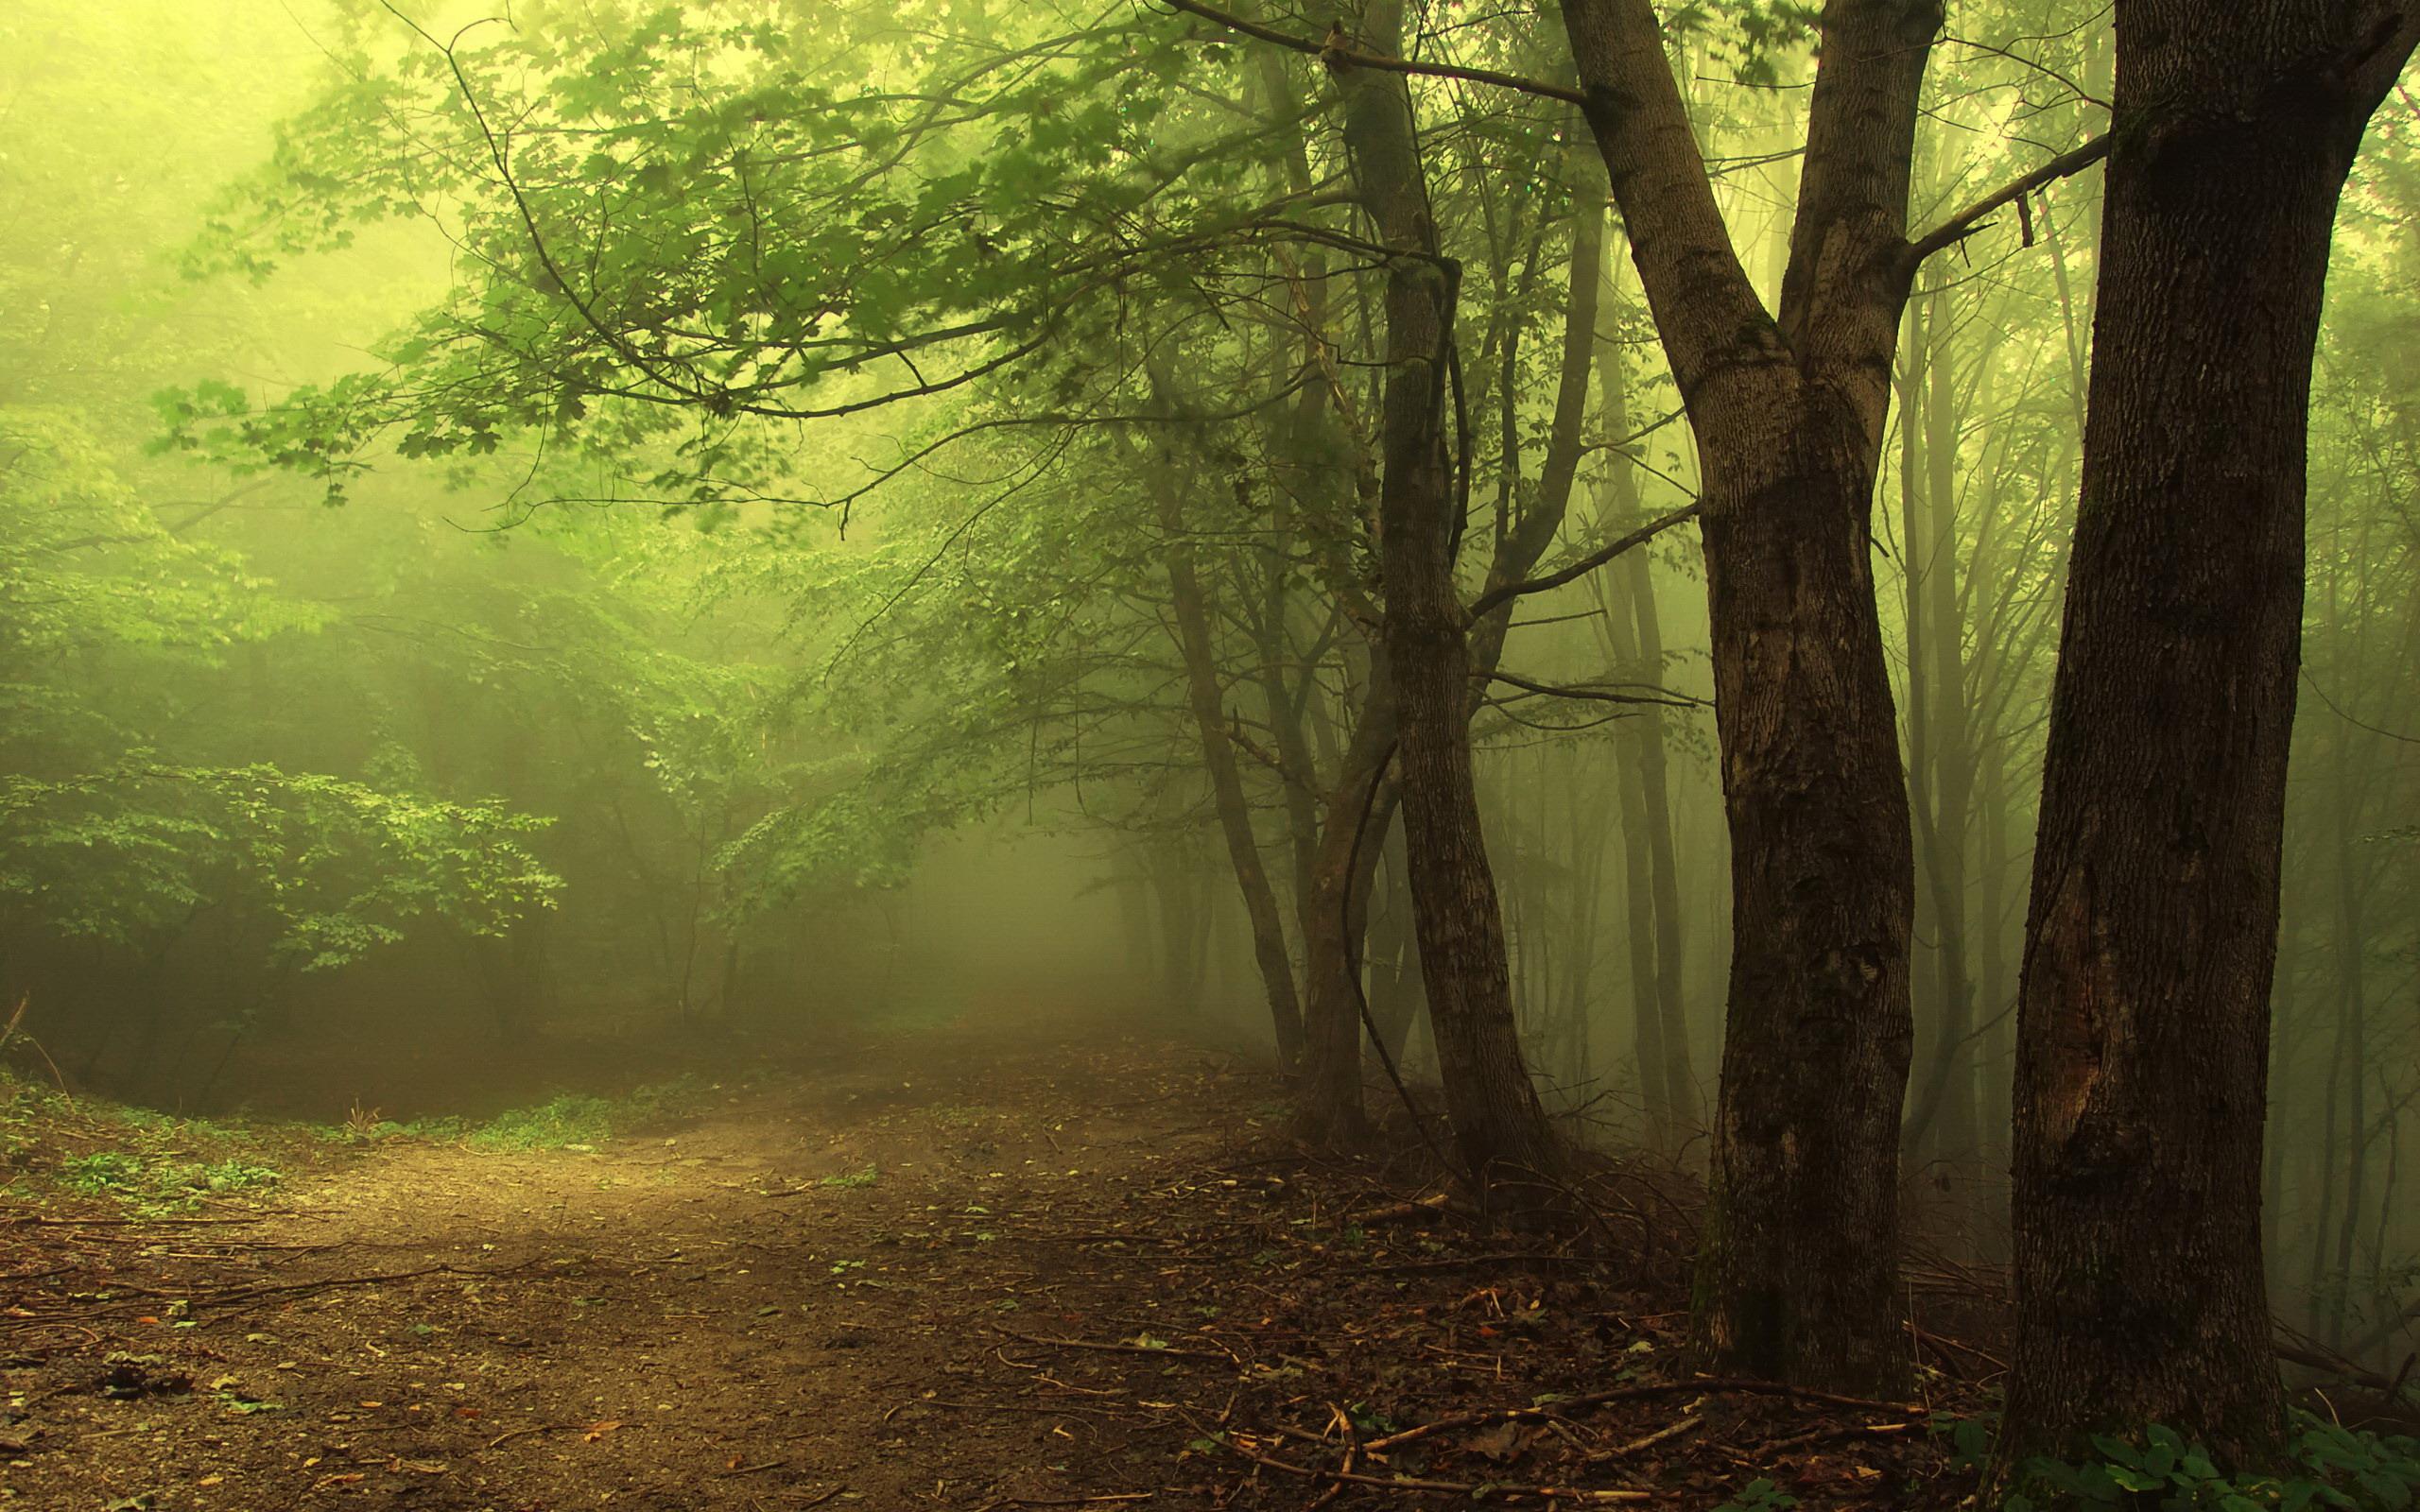 туман в лесу, лес, скачать фото, деревья